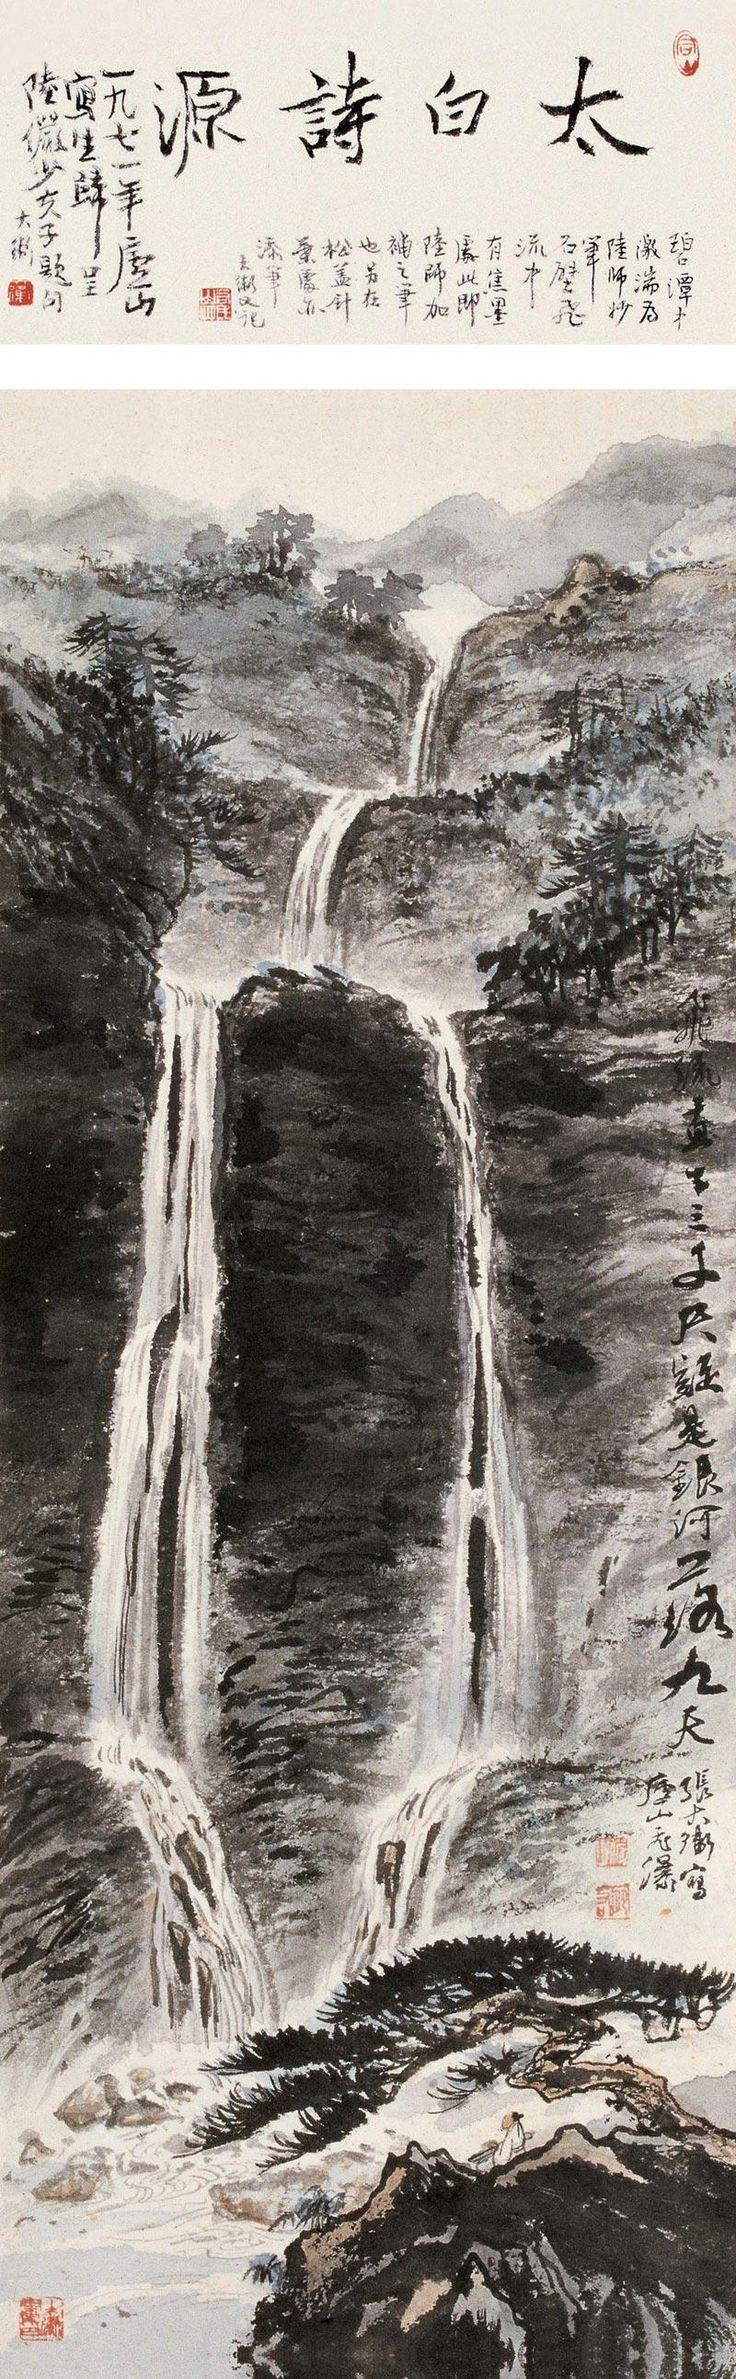 张大卫 陆俨少 1971年作 庐山飞瀑图